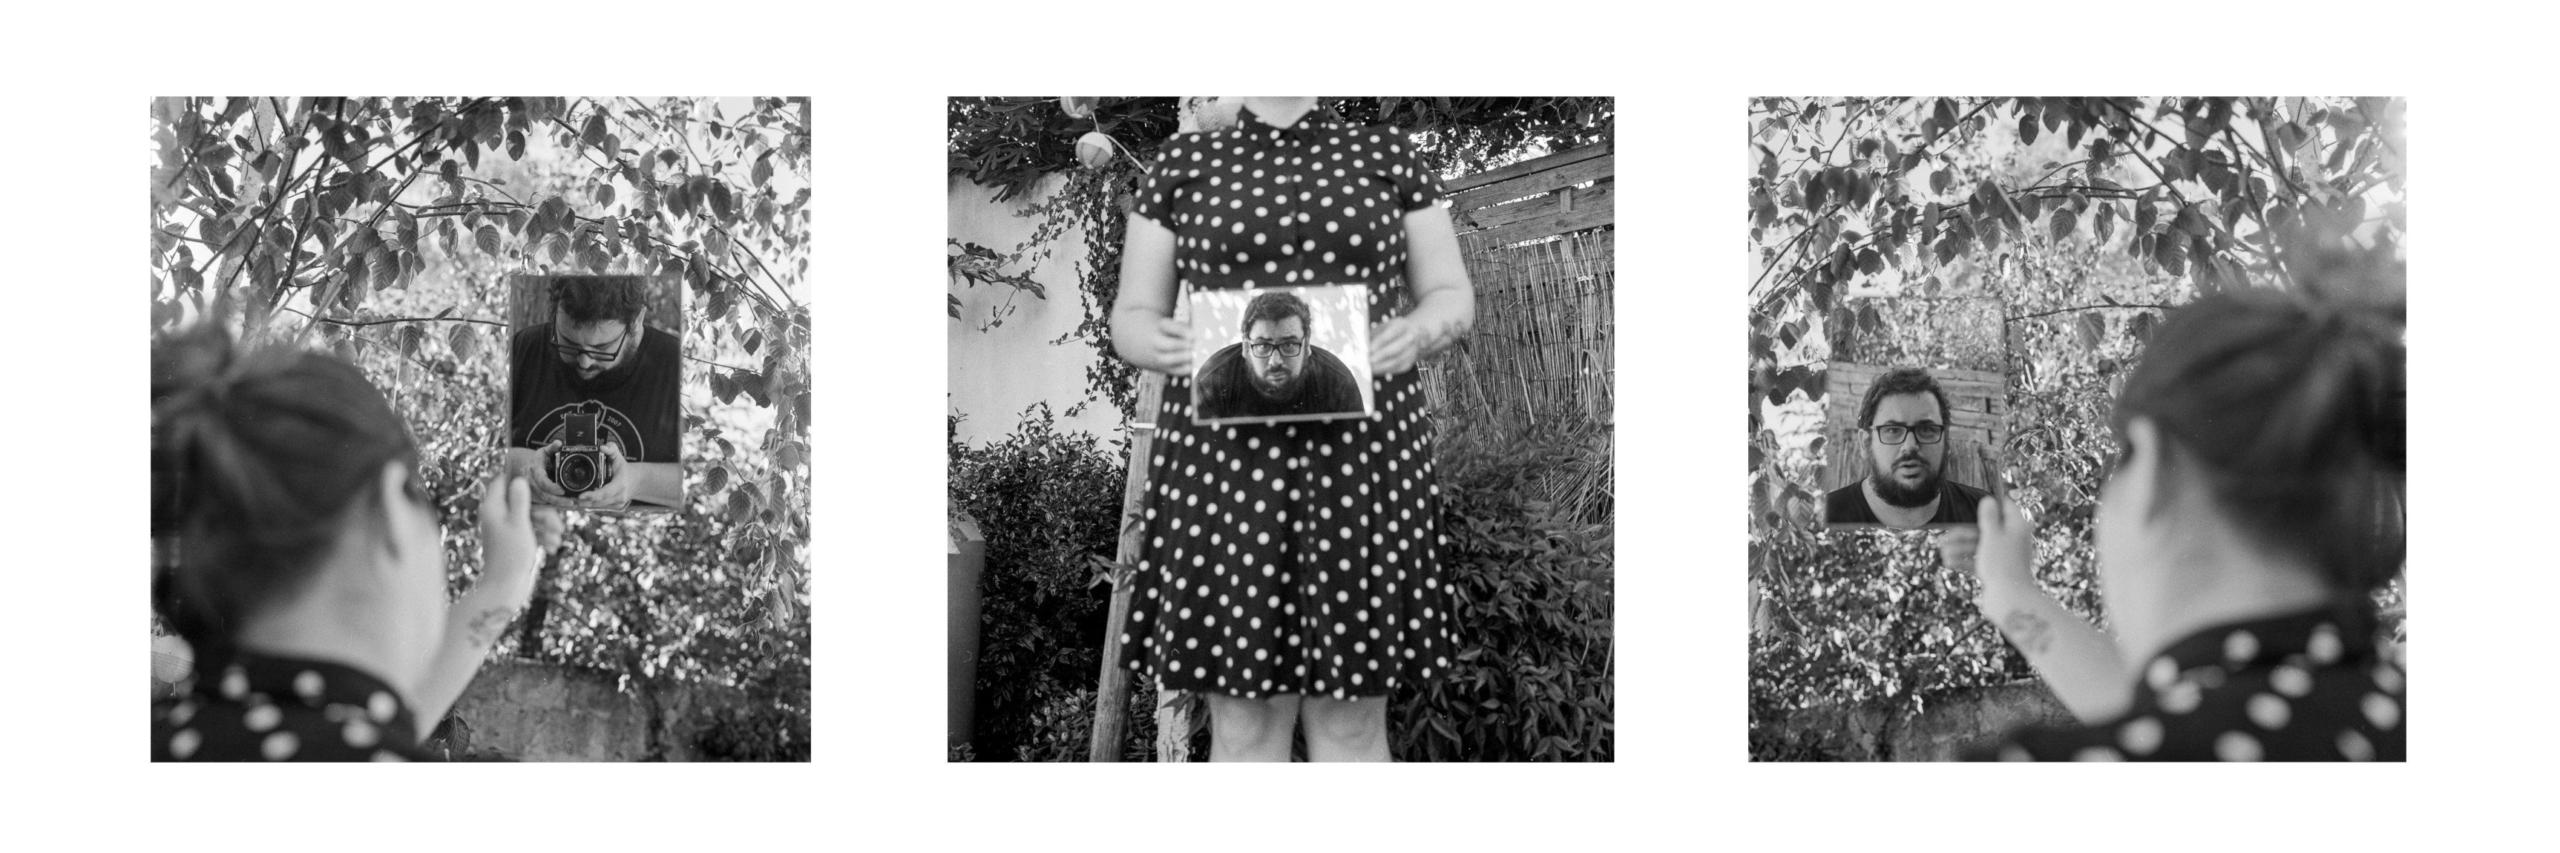 Autoportrait, Philippe Lafaye, Atelier Focale 16, exposition photo à l'incontournable